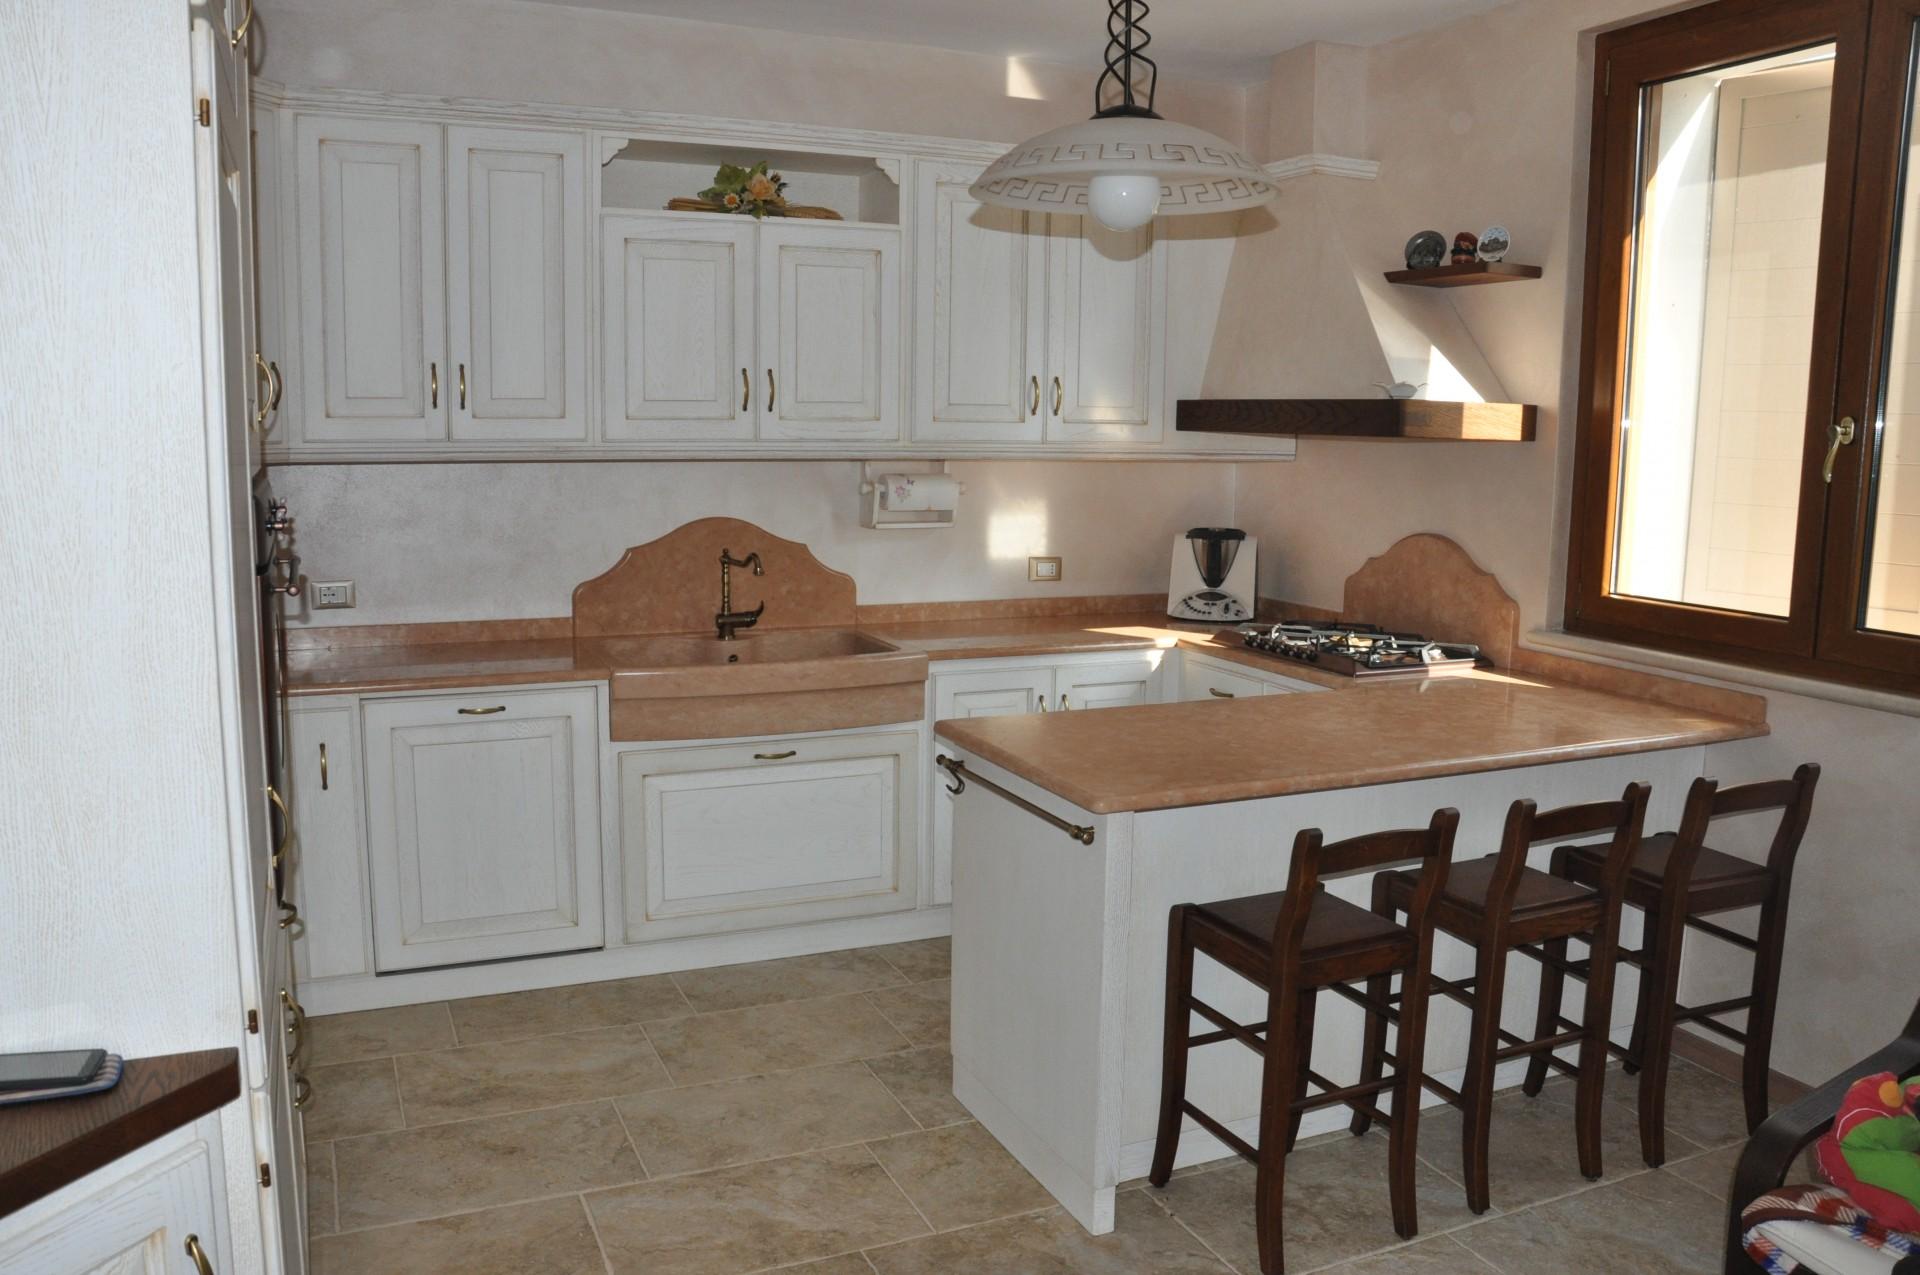 Cucina in legno con penisola fadini mobili cerea verona for Cucine in muratura country